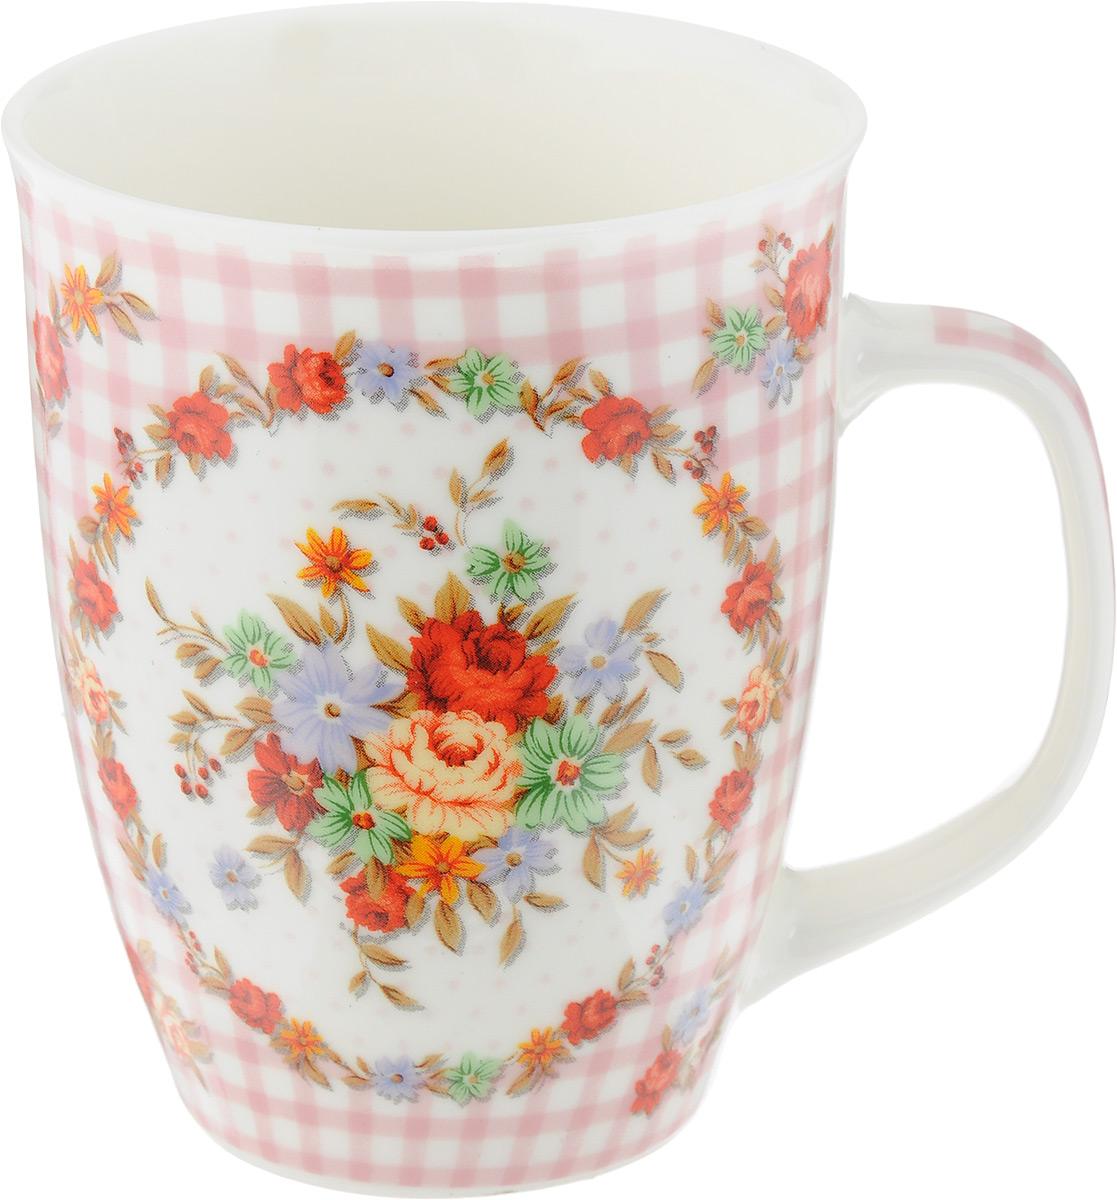 """Кружка Loraine """"Цветы"""" изготовлена из прочного качественного костяного фарфора. Изделие оформлено красочным изображением цветов. Благодаря своим термостатическим свойствам, изделие отлично сохраняет температуру содержимого - морозной зимой кружка будет согревать вас горячим чаем, а знойным летом, напротив, радовать прохладными напитками. Такой аксессуар создаст атмосферу тепла и уюта, настроит на позитивный лад и подарит хорошее настроение с самого утра. Это оригинальное изделие идеально подойдет в подарок близкому человеку. Диаметр (по верхнему краю): 8,2 см. Высота кружки: 10,5 см."""